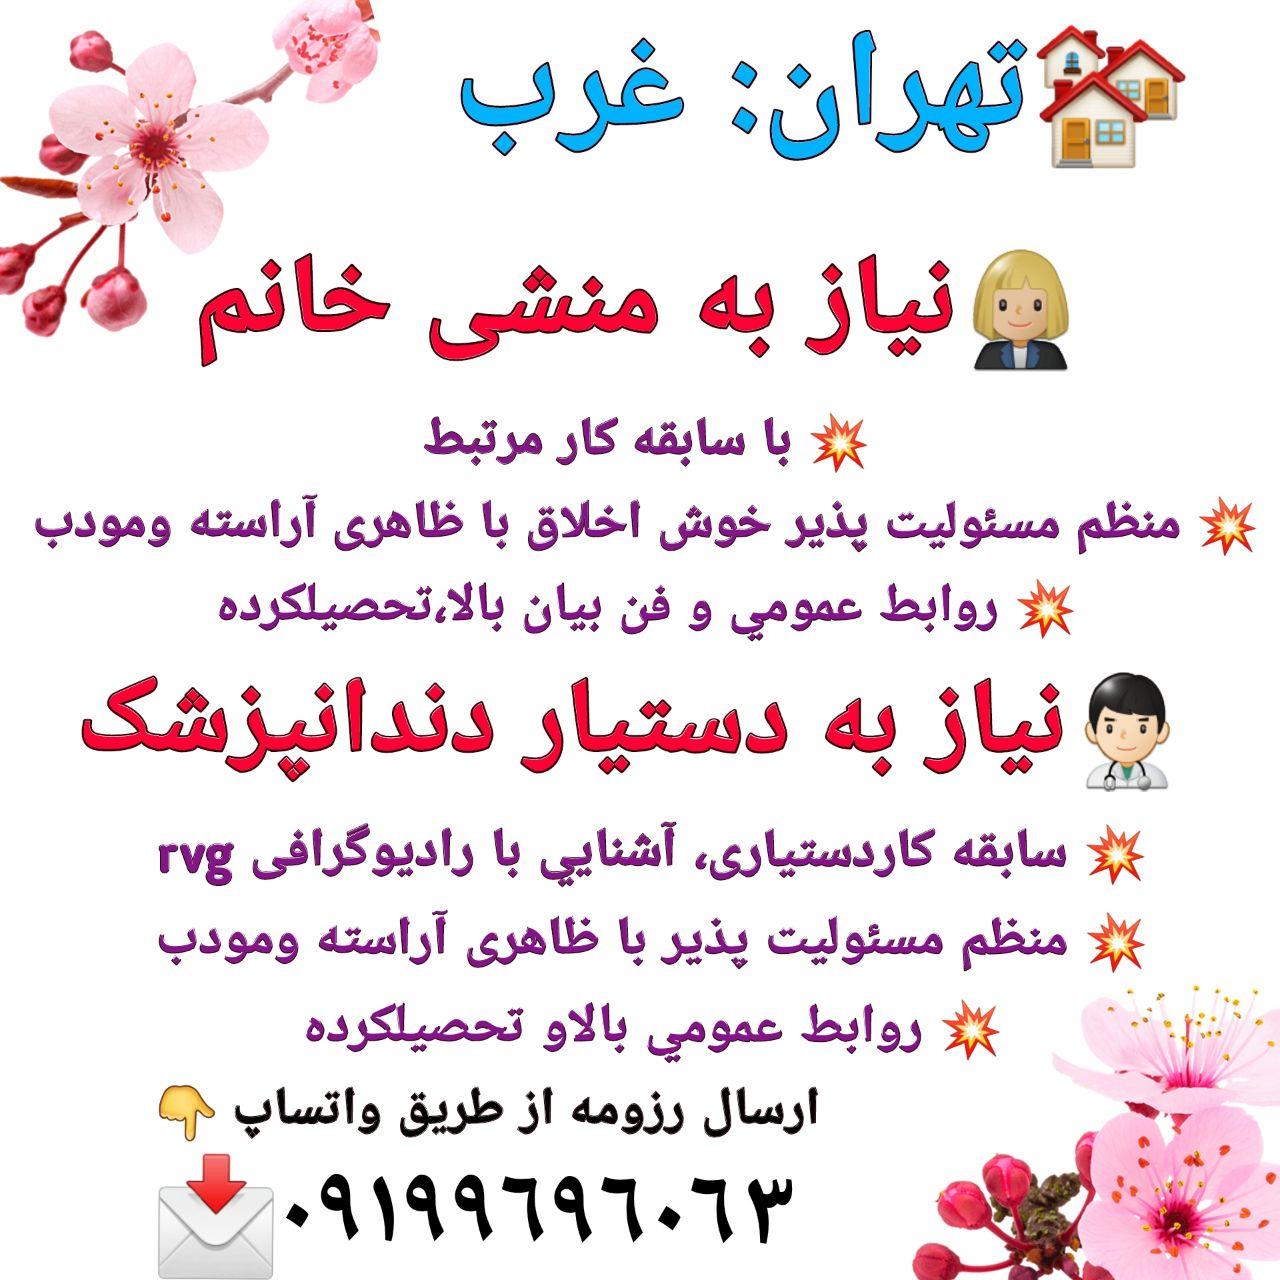 تهران: غرب، نیاز به منشی خانم، و نیاز به دستیار دندانپزشک